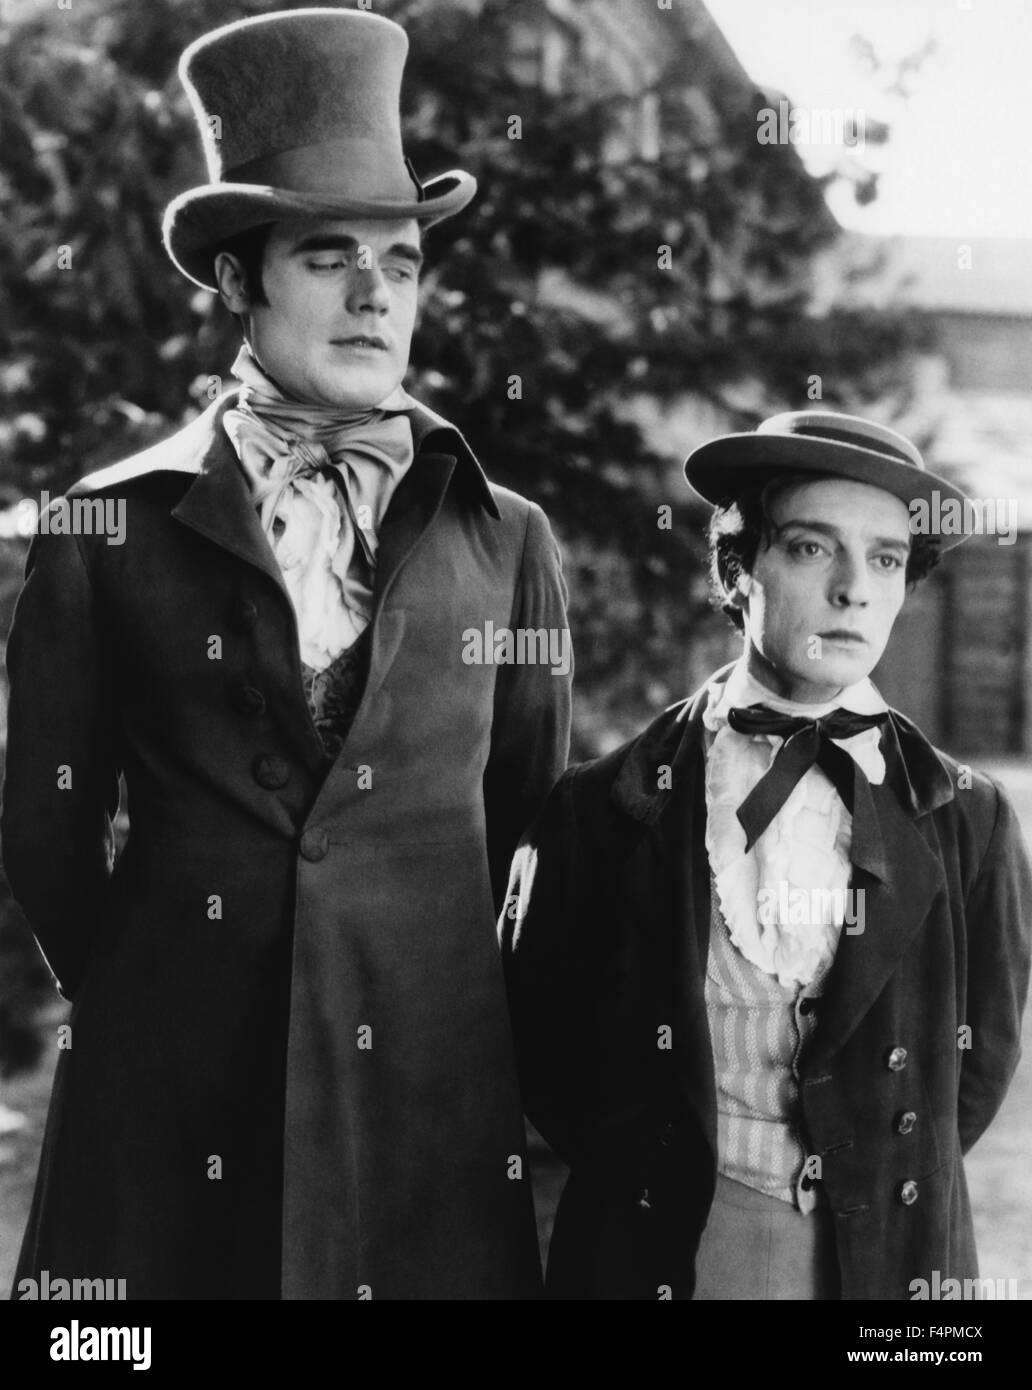 Buster Keaton / La nostra ospitalità / 1923 diretto da Buster Keaton e John G. Blystone [Metro Pictures] Immagini Stock